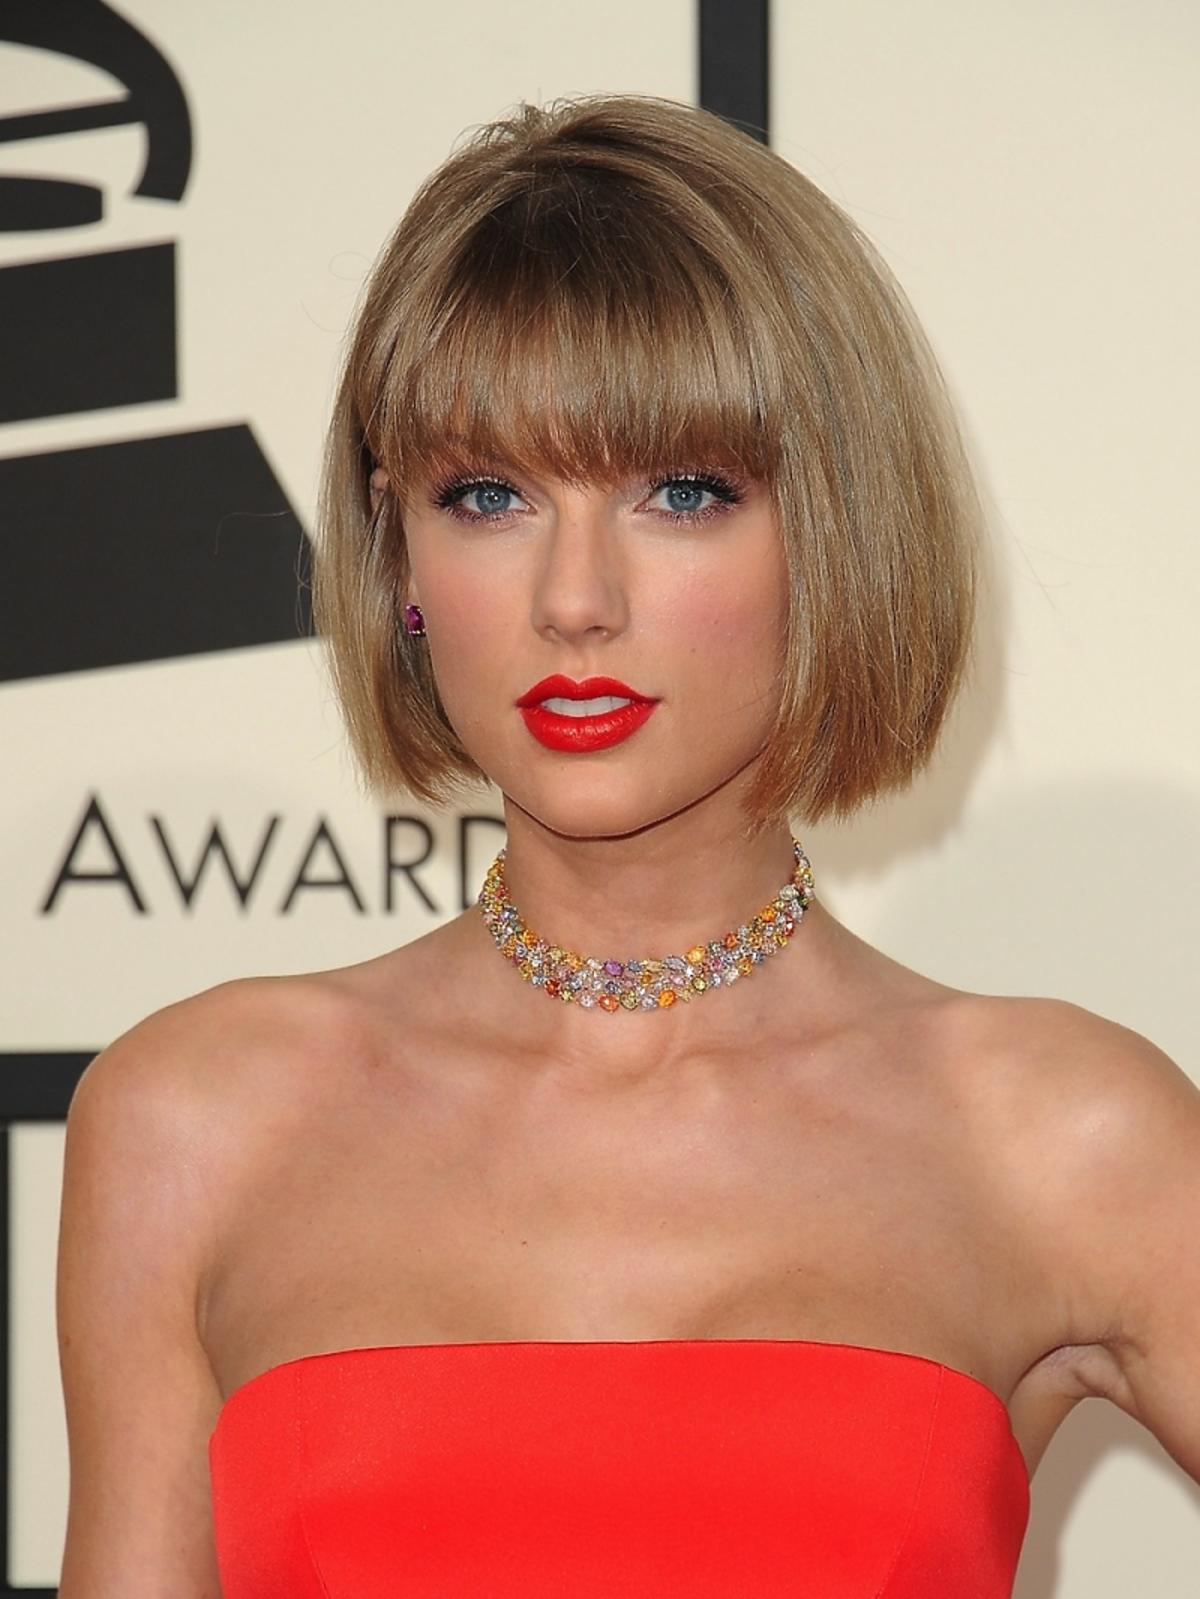 Taylor Swift w czerwonym topie i fryzurze typu bob